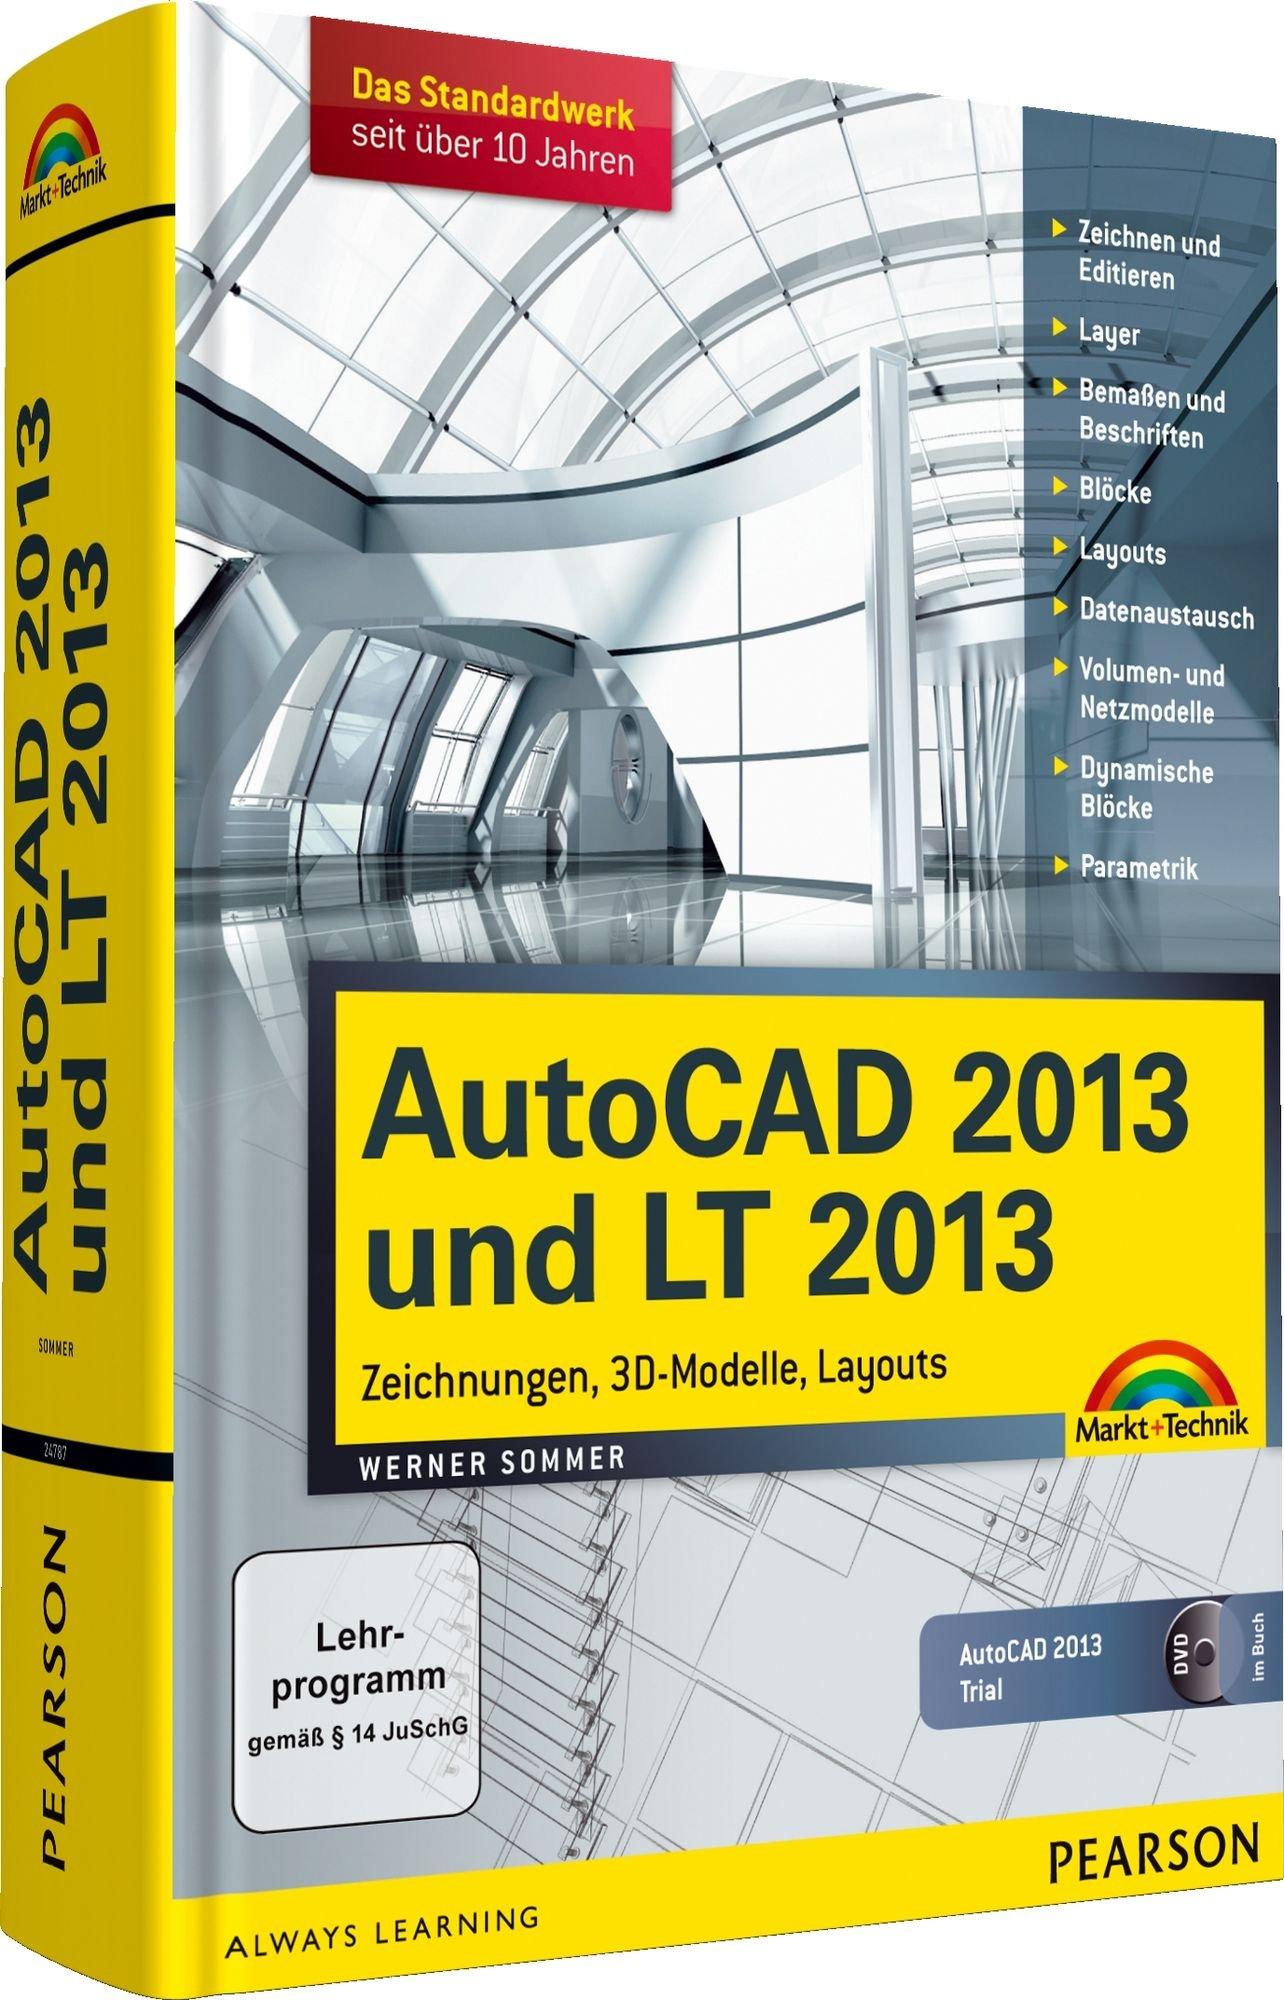 AutoCAD 2013 und LT 2013: Zeichnungen, 3D-Modelle, Layouts (Kompendium / Handbuch)